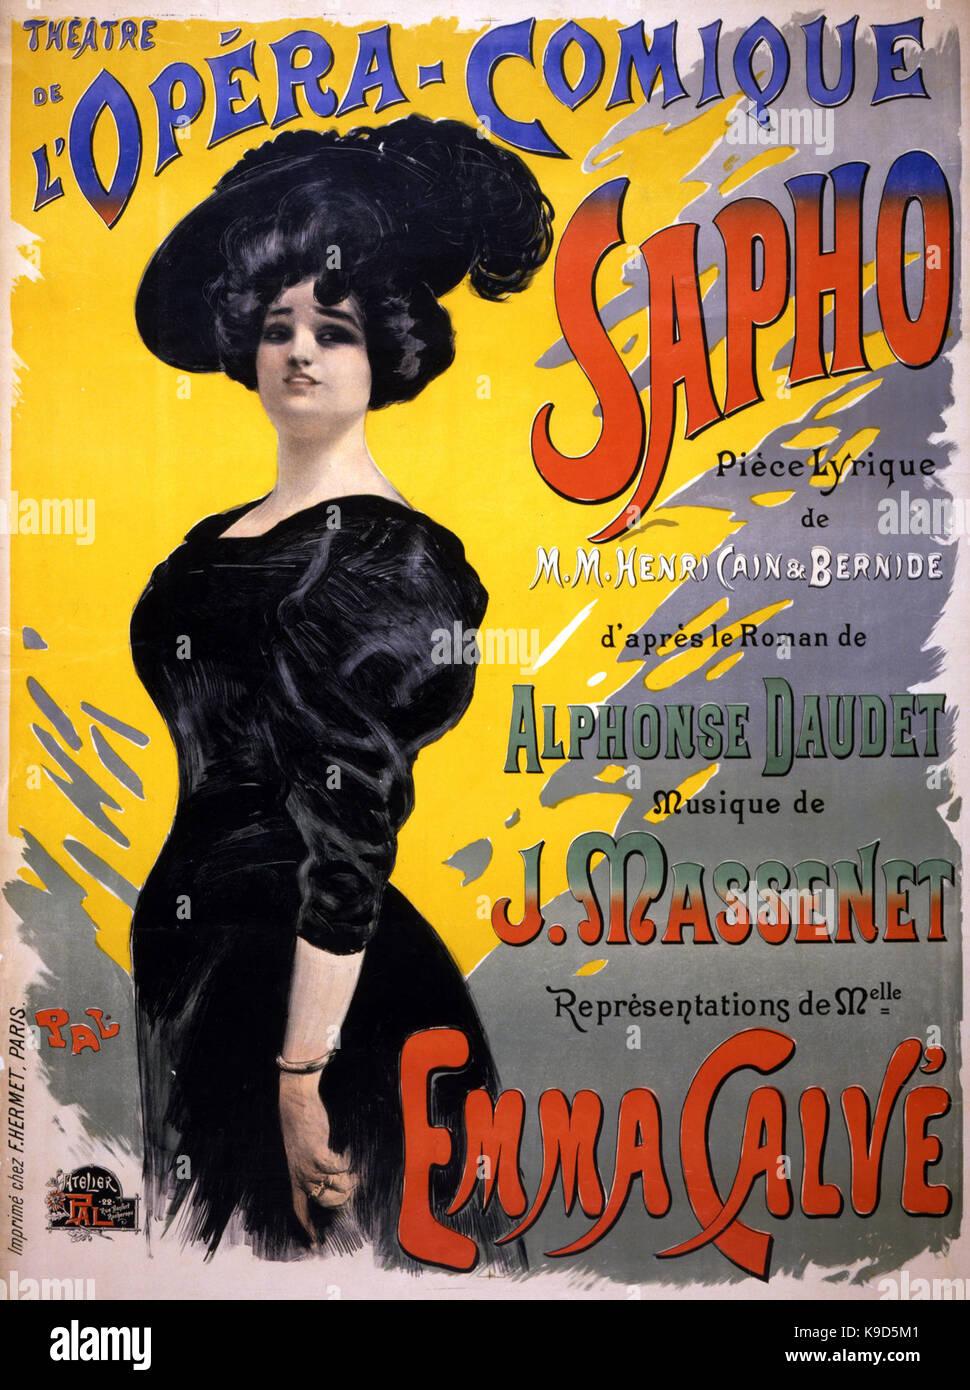 Massenet Sapho - Stock Image